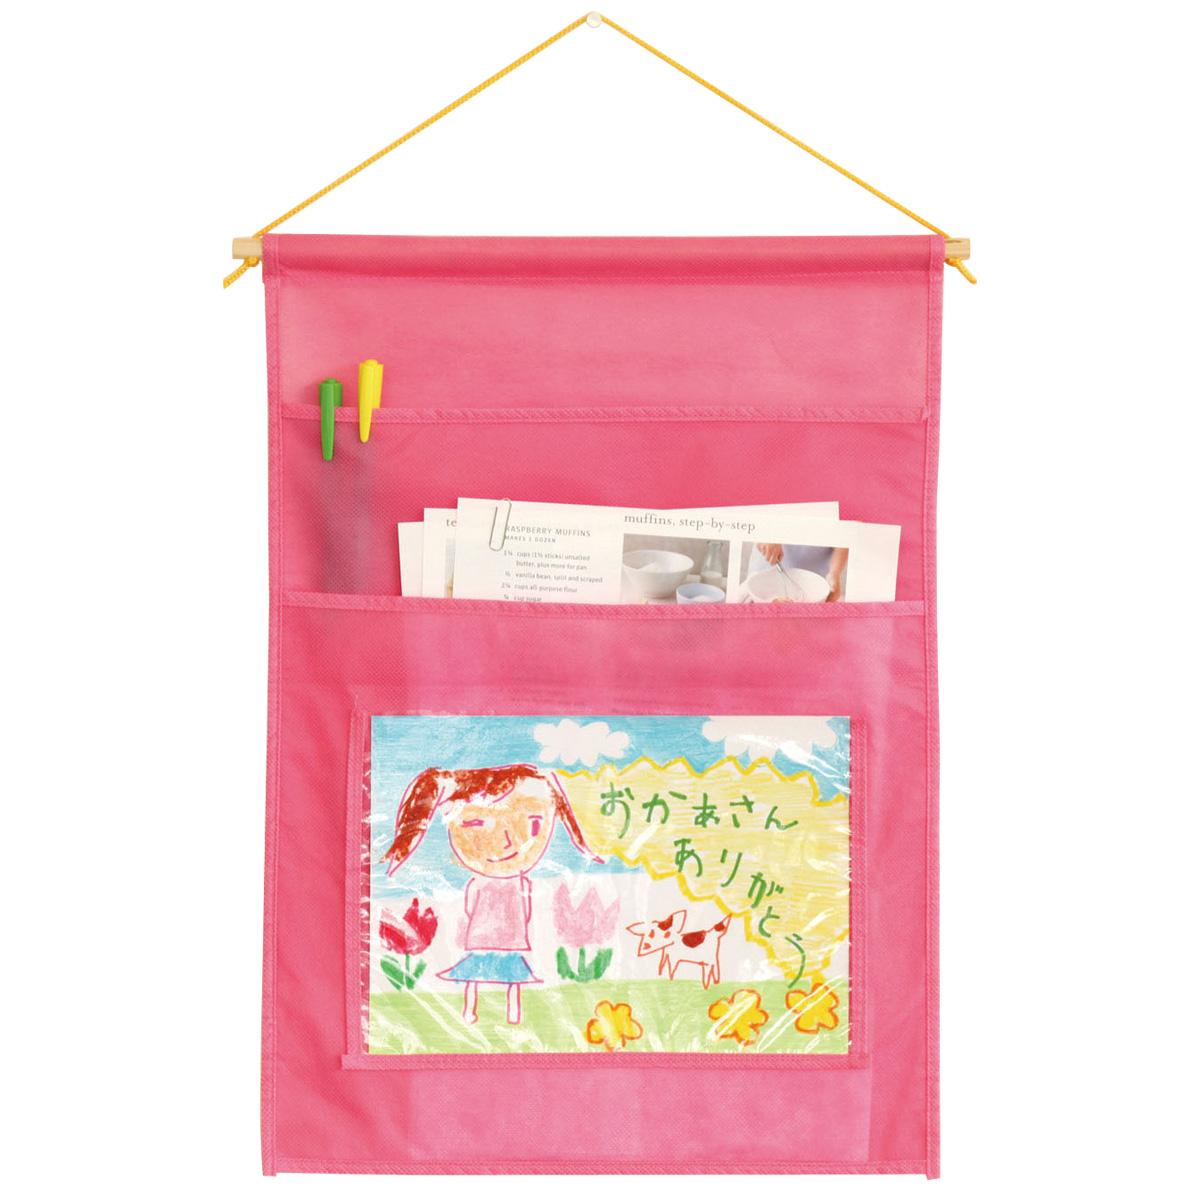 プレゼントマルチウォールケース ピンク 不織布 ウォールポケット 壁掛け 小物いれ 収納 ポストカード 封筒 収納袋 壁掛け収納 クリスマスプレゼント